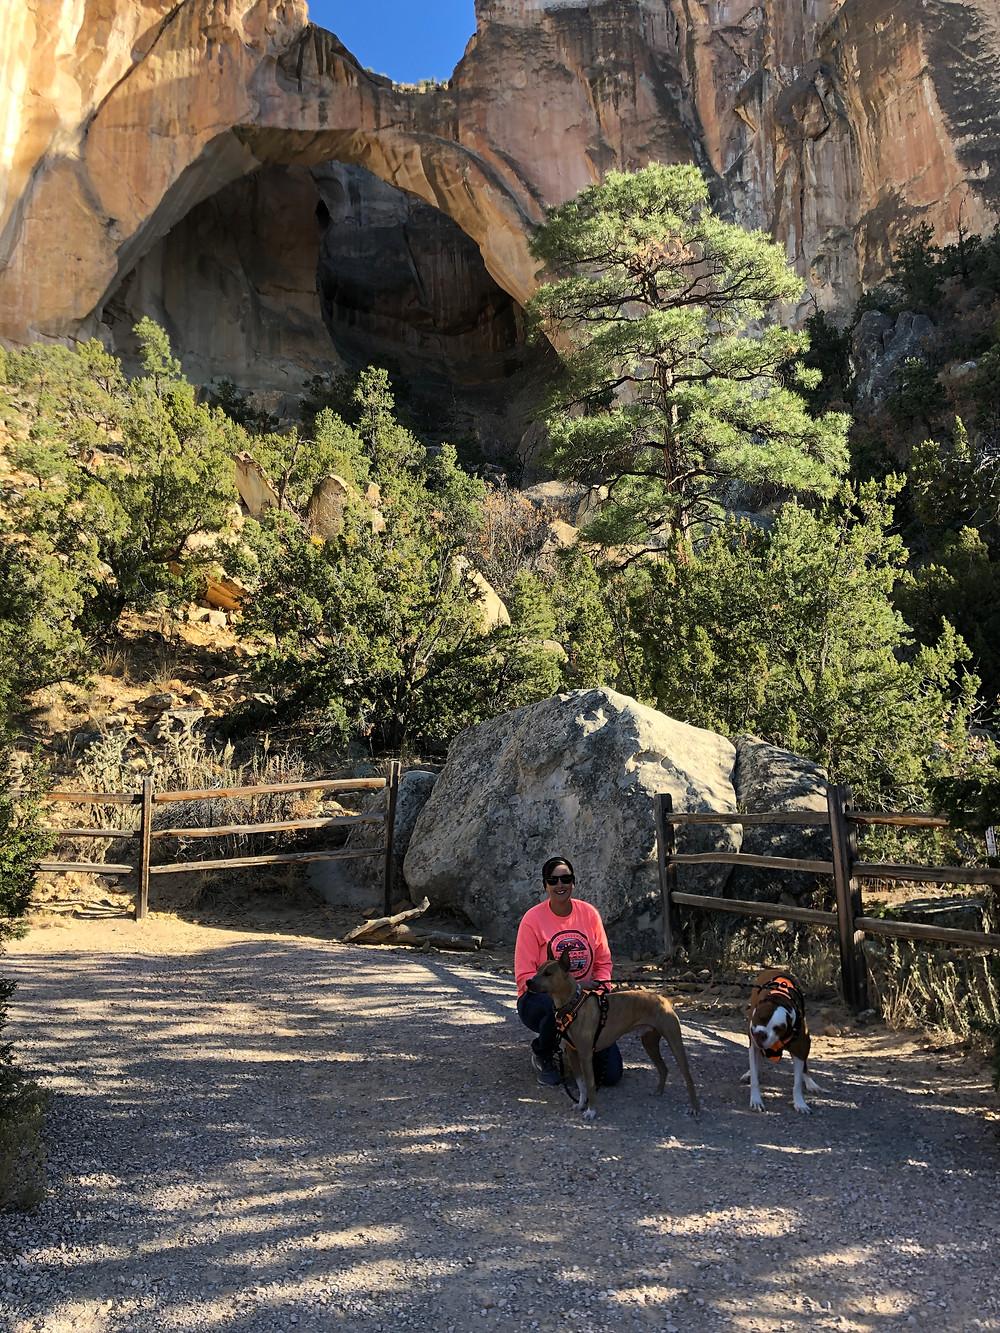 La Ventana Natural Arch in New Mexico